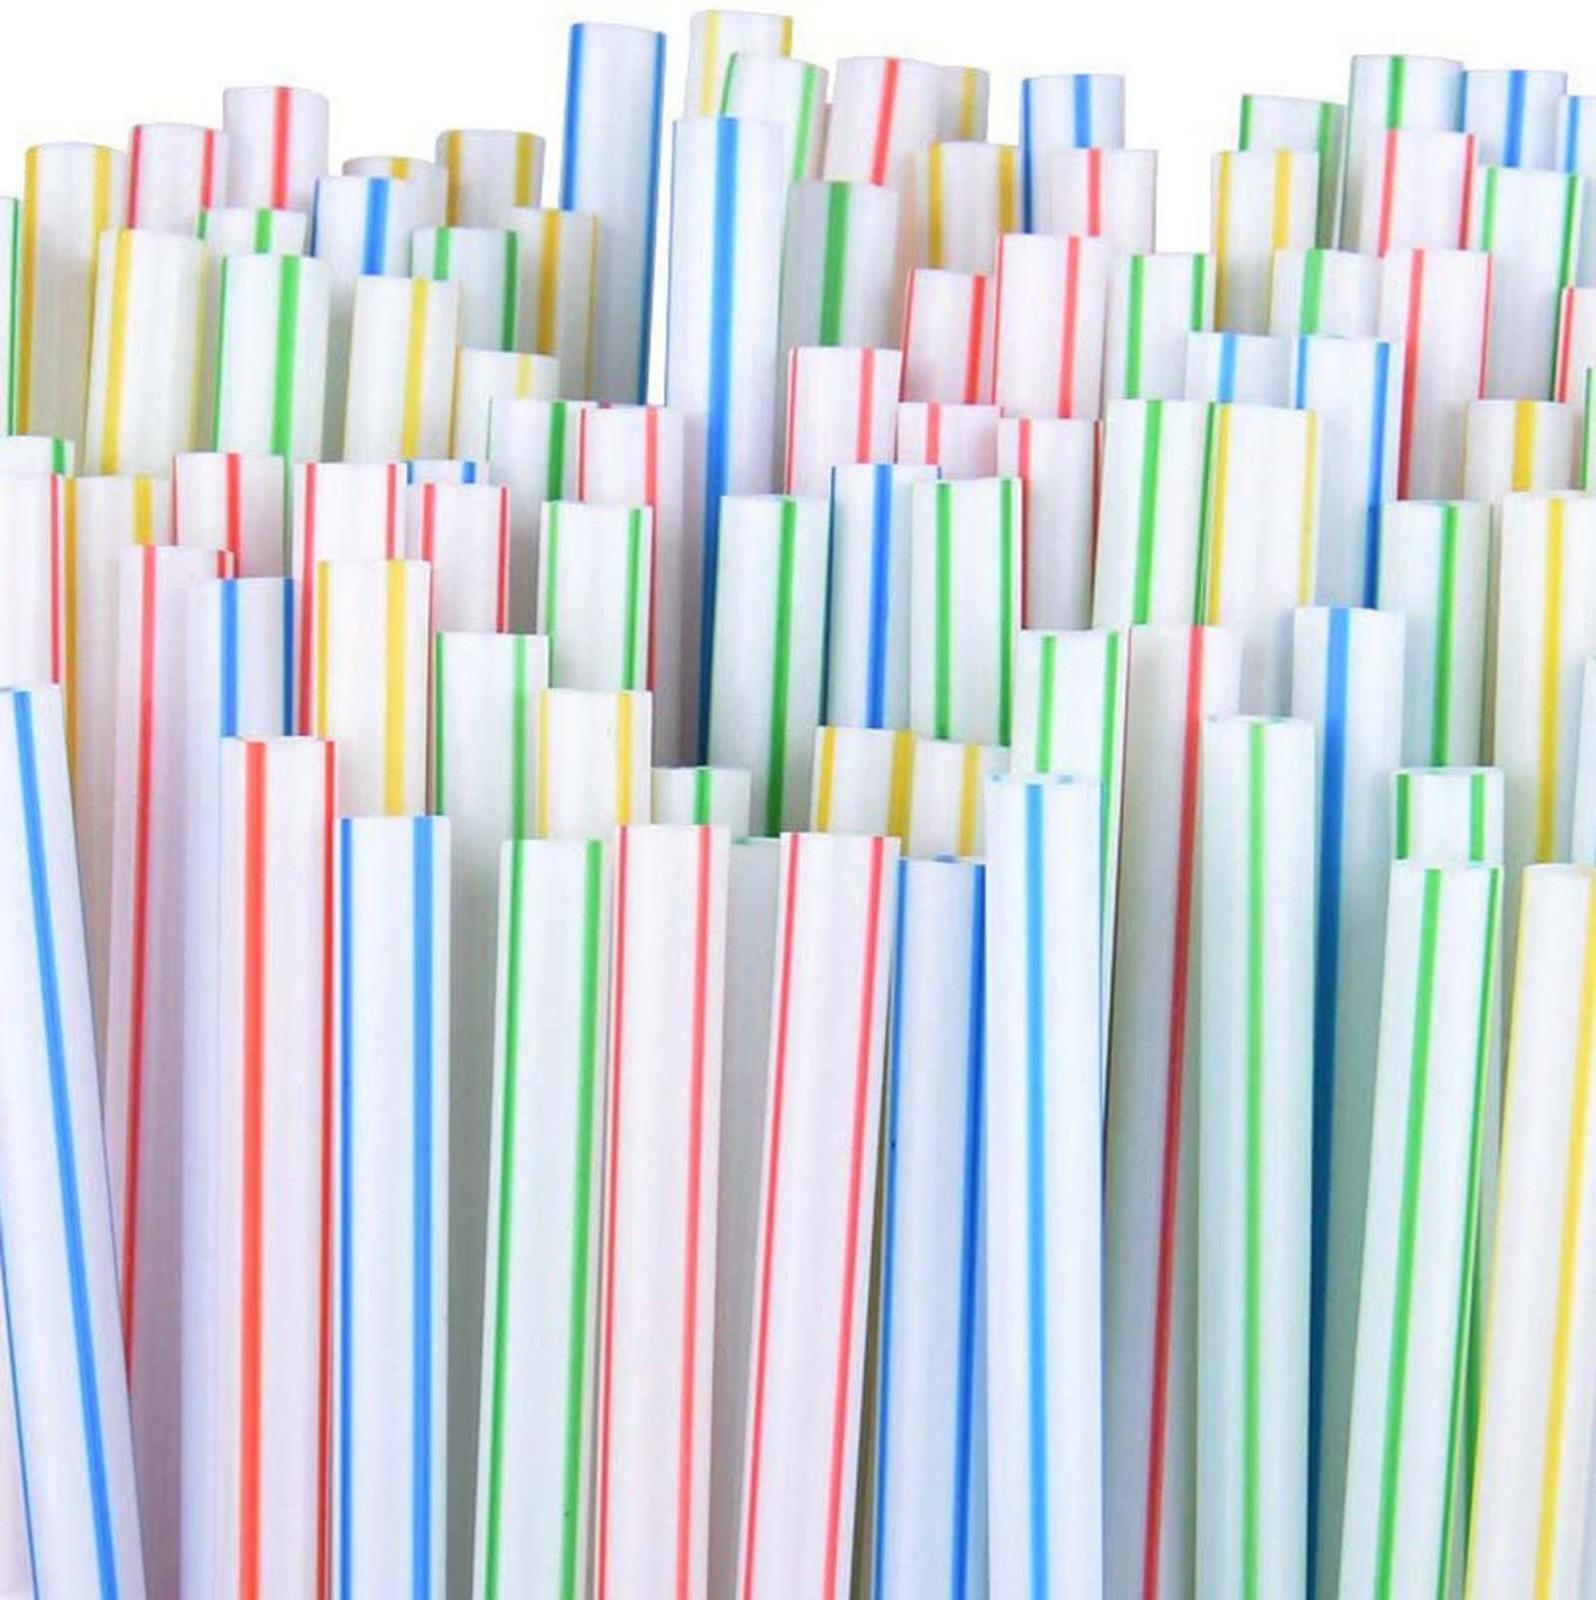 300 шт пластиковые соломинки для питья одноразовые соломинки для вечерние барный напиток магазины дома Кухня Радуга соломы rietjes пластиковые ...